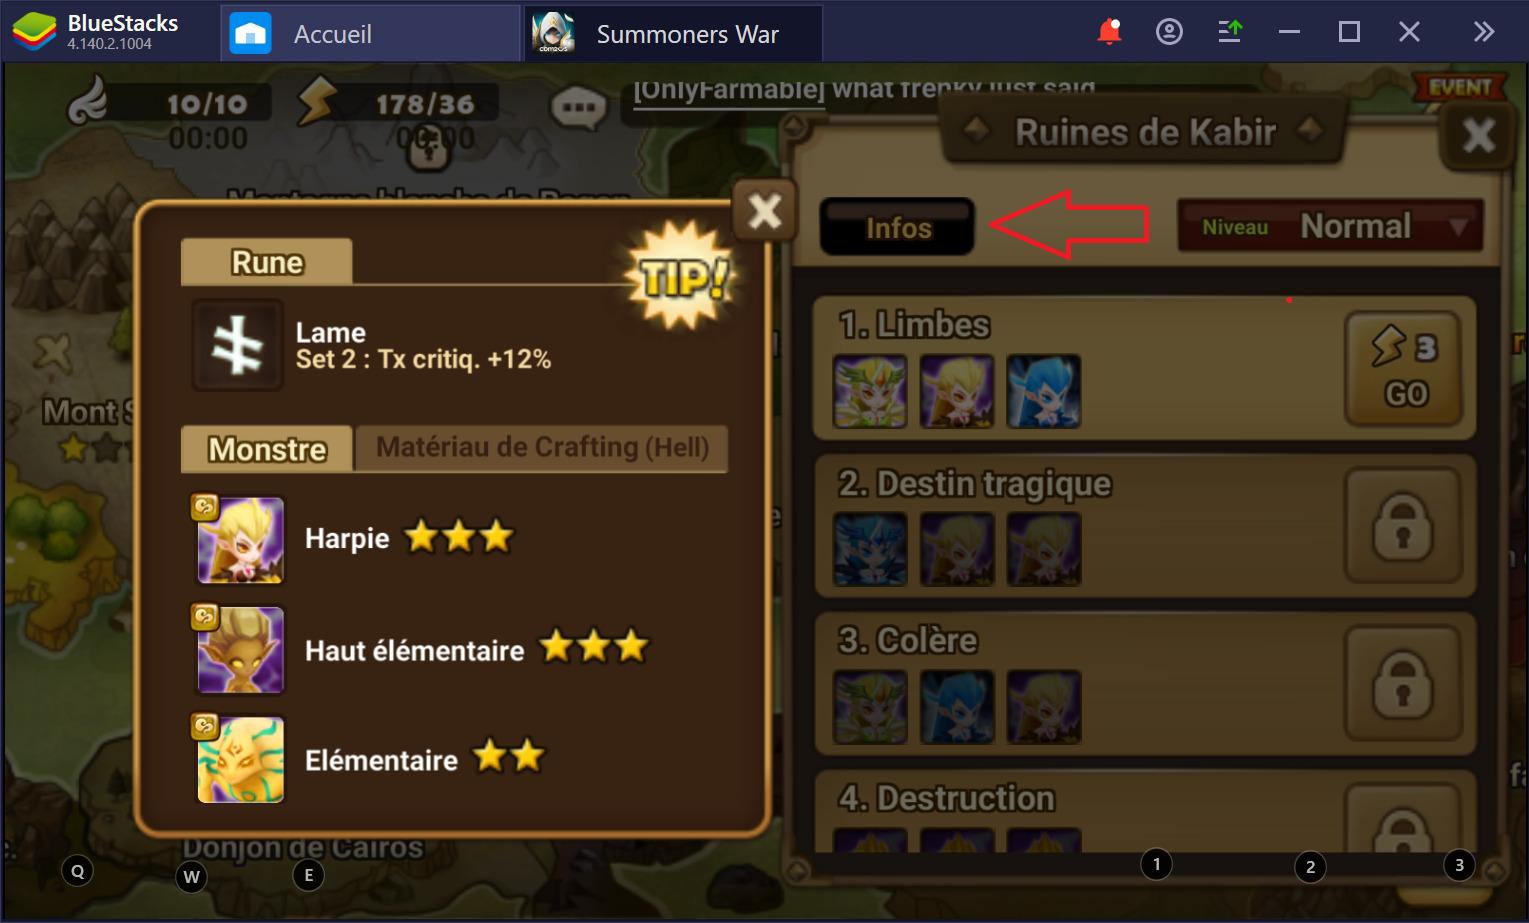 Les meilleurs trucs et astuces pour Summoners War